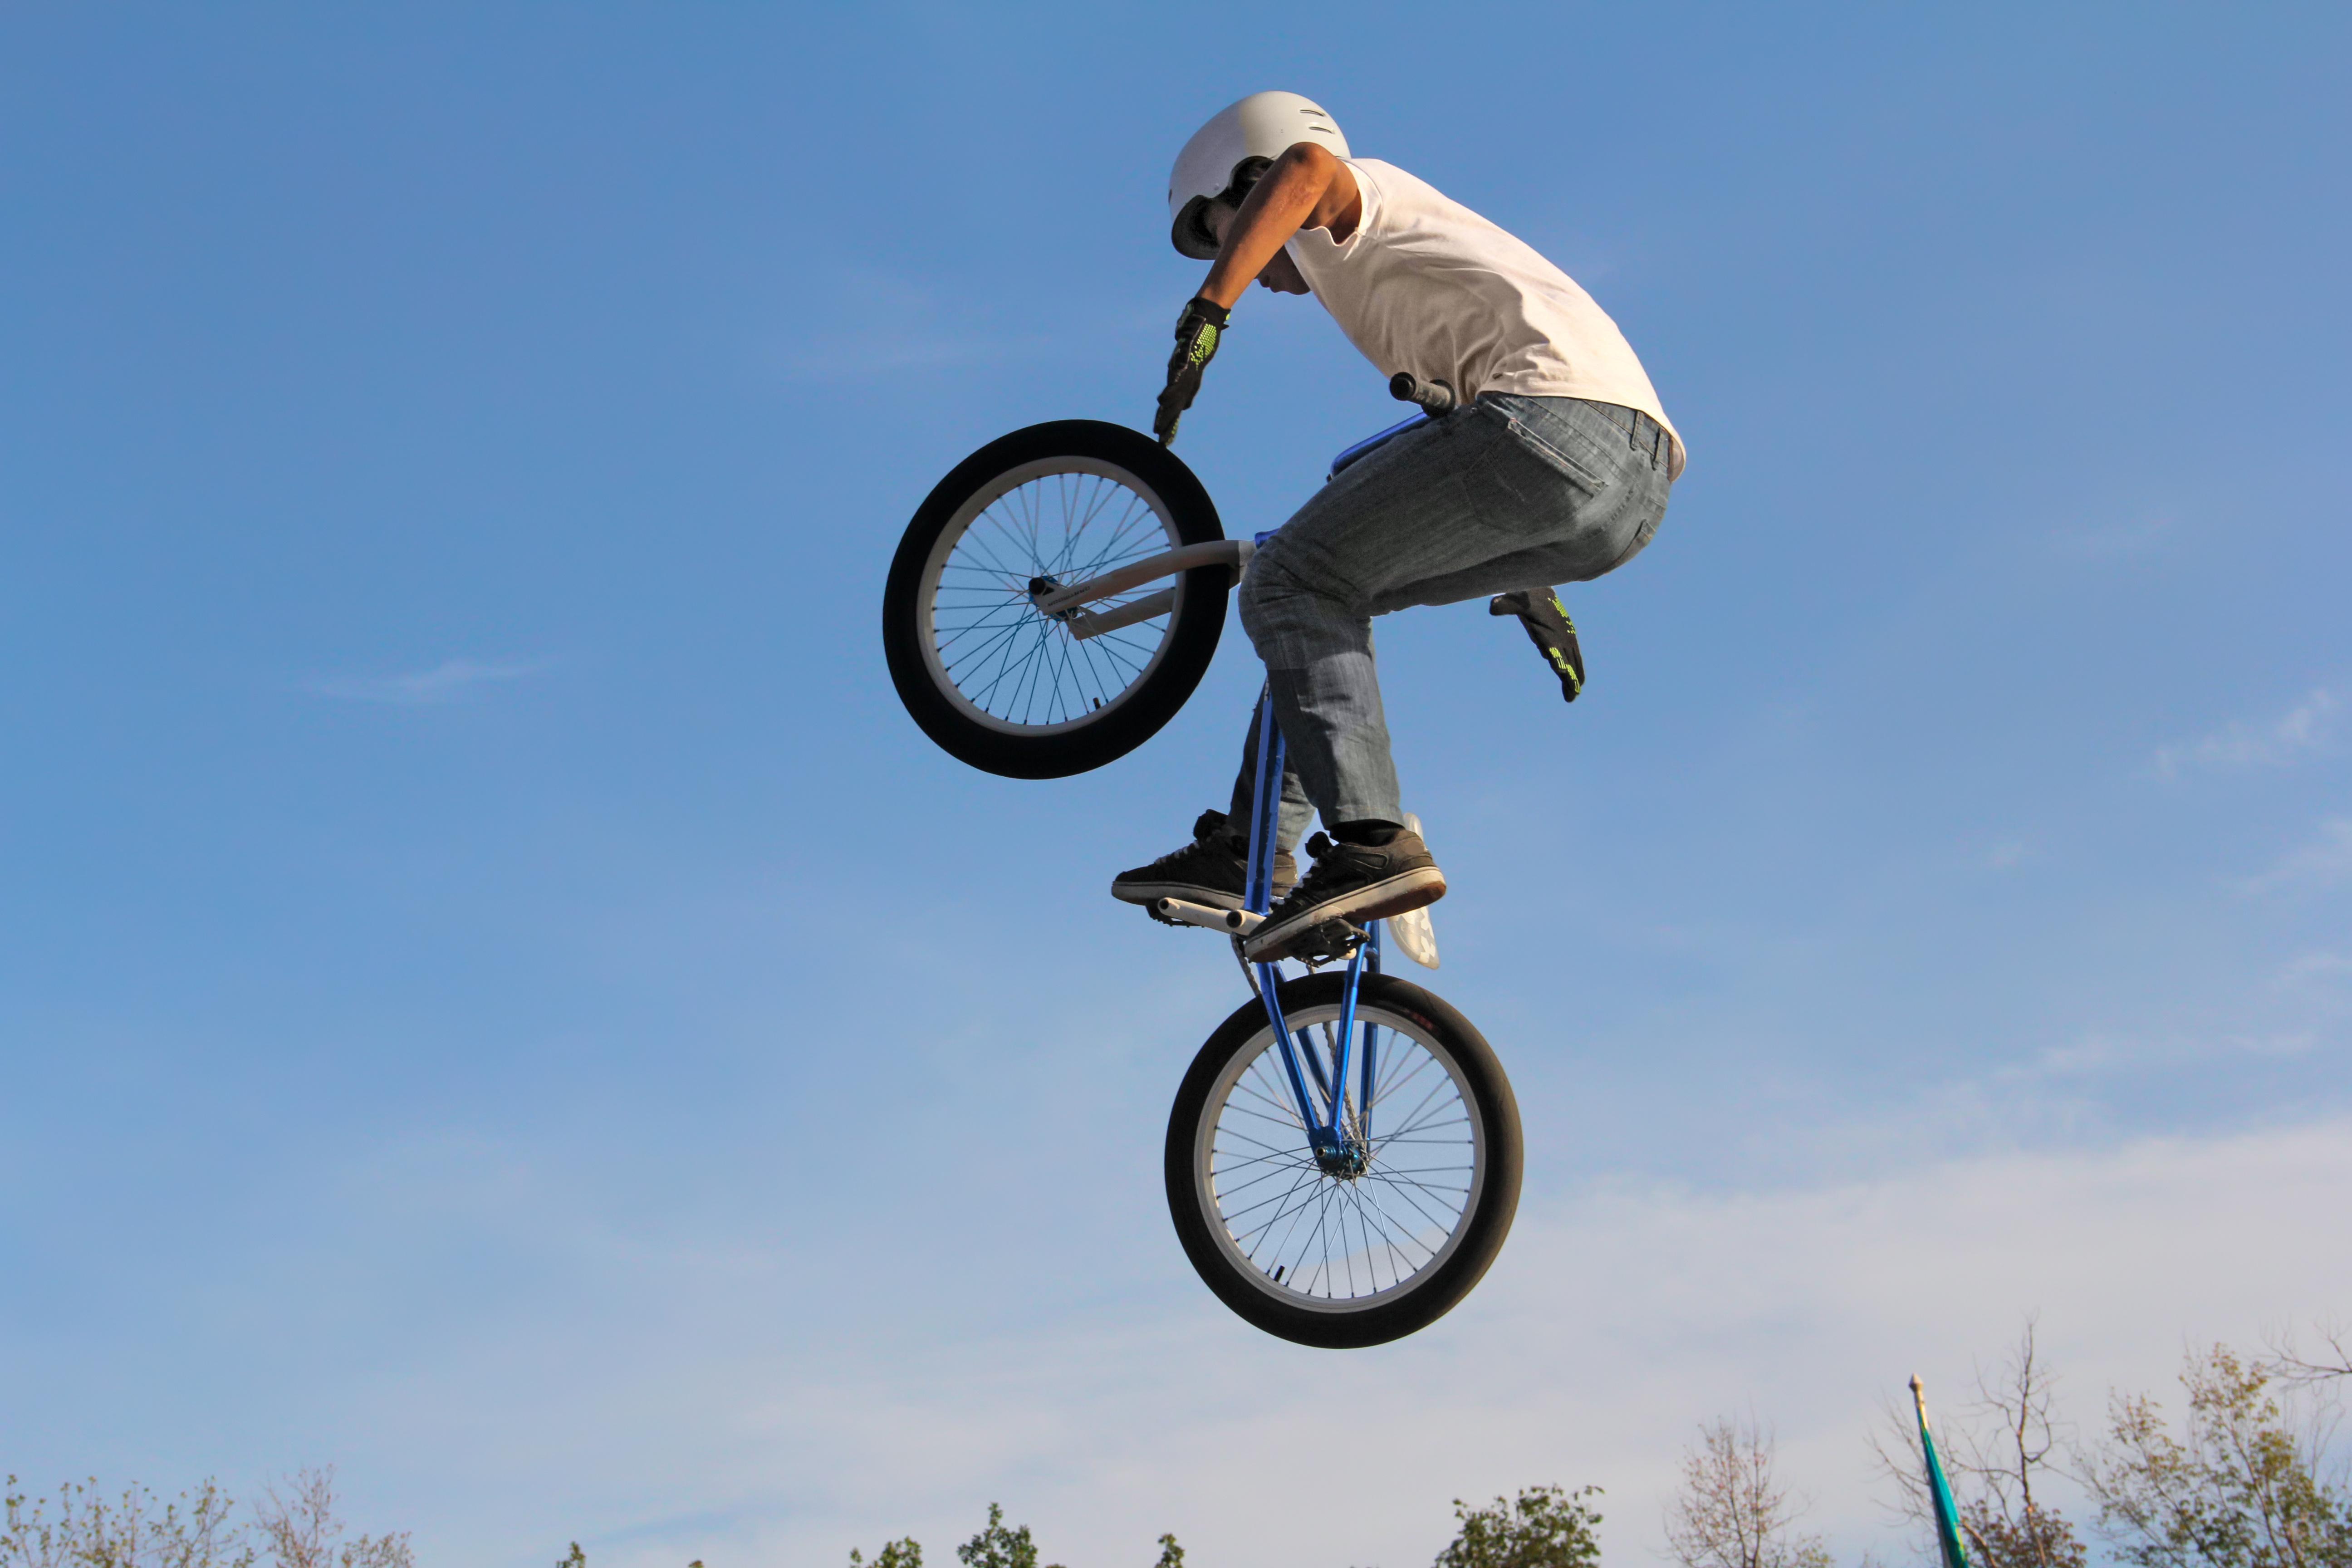 A boy gets air on a BMX bike.